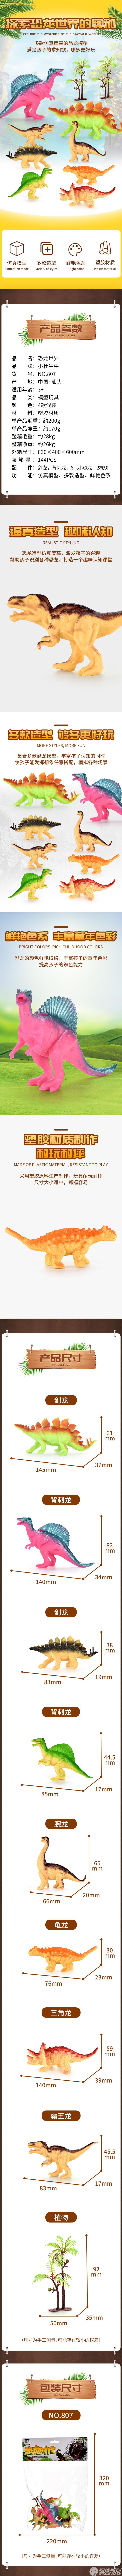 智创乐玩具厂-(807)-恐龙世界-中文版详情页.jpg